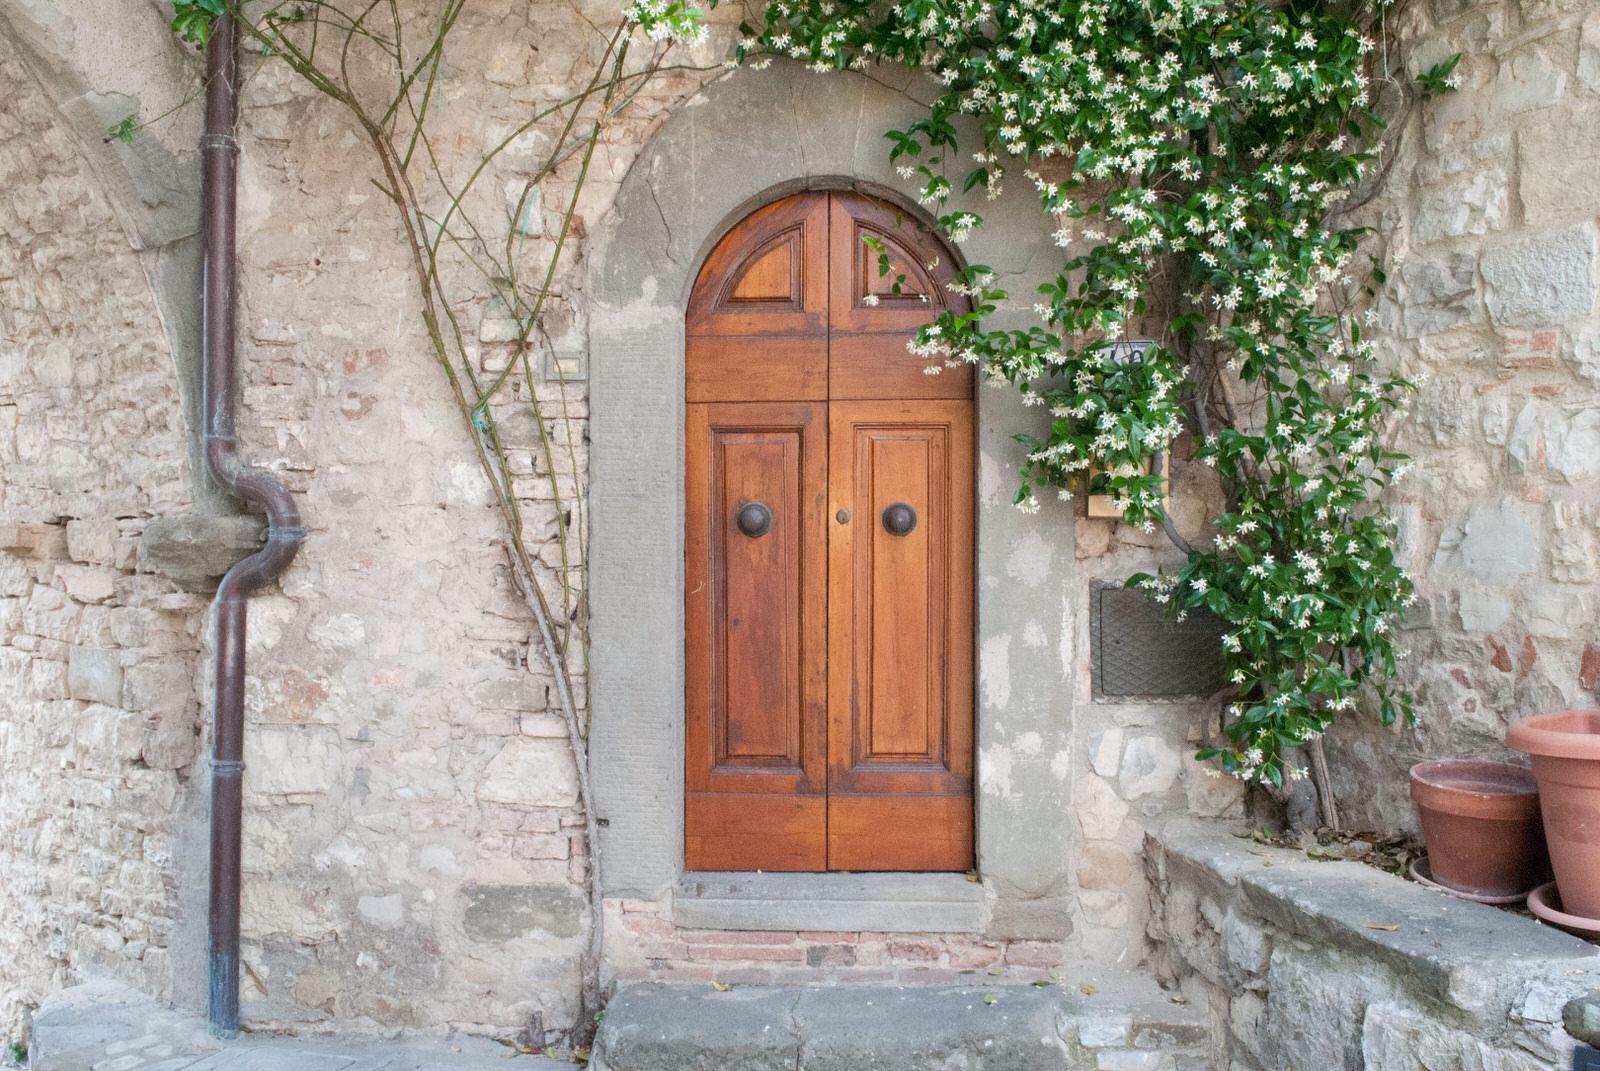 Merveilleux Doors Of Italy Vertine1